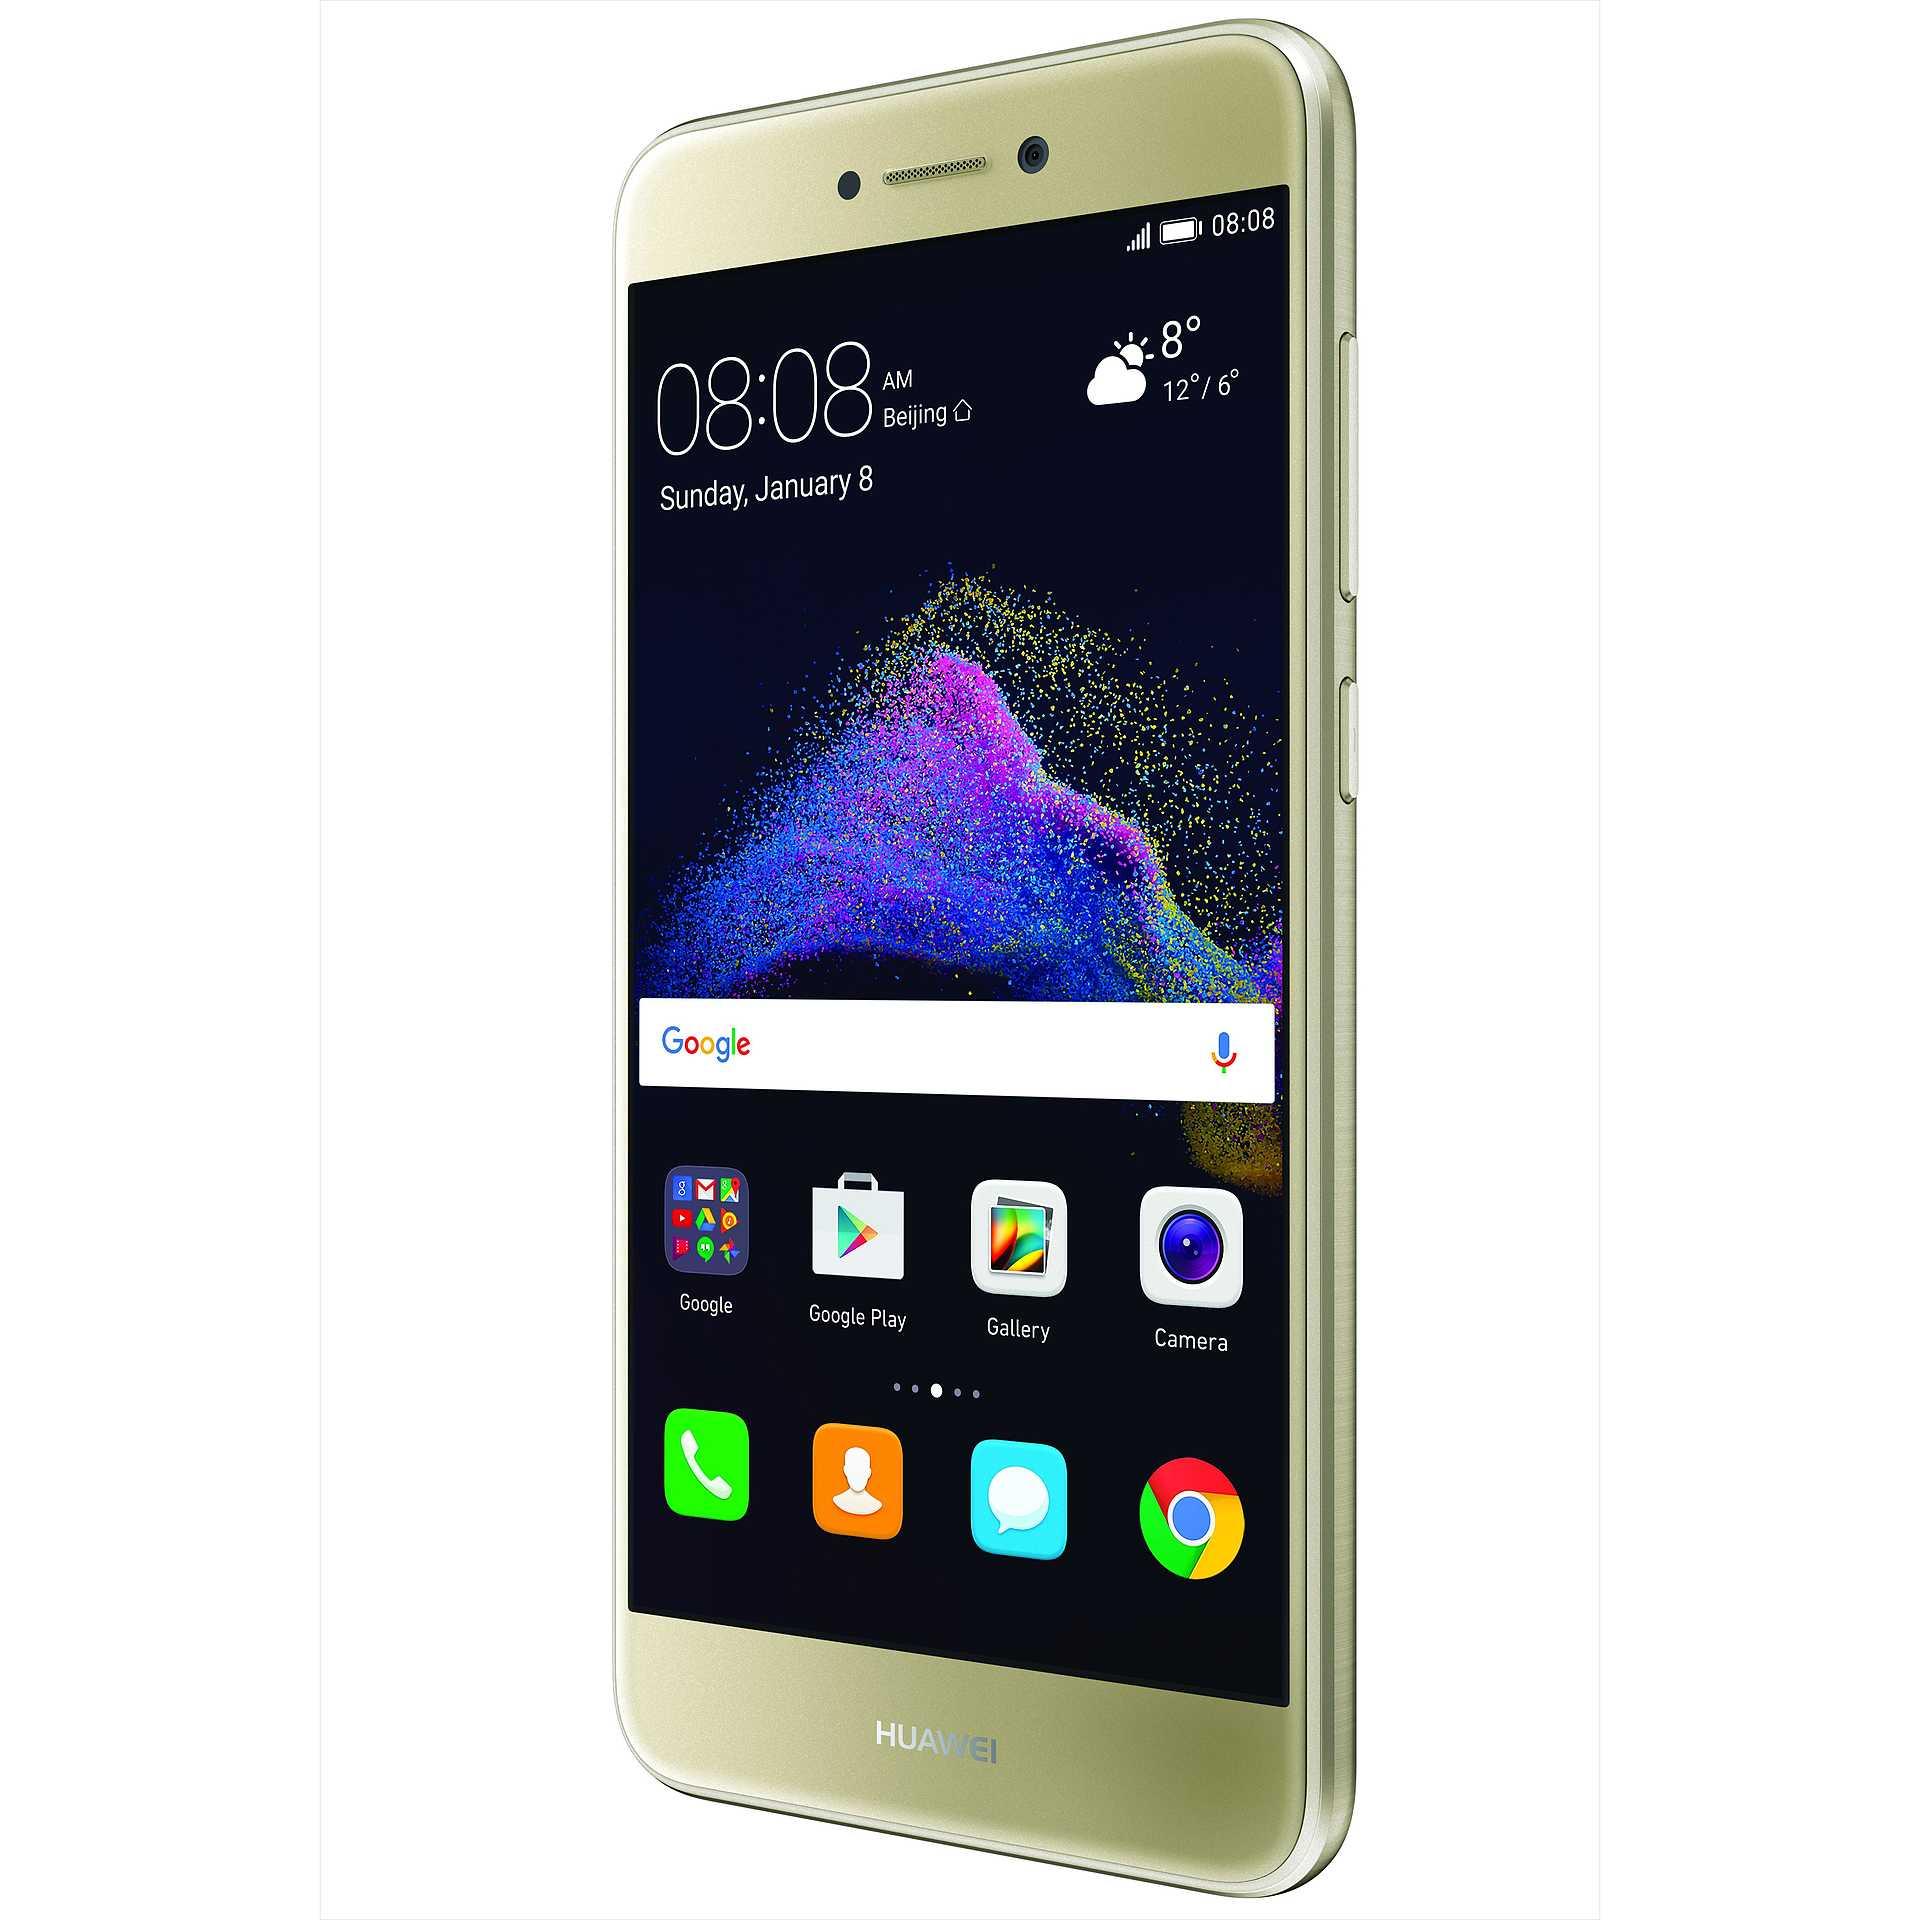 Schemi Elettrici Huawei : Huawei p8 lite 2017 colore oro smartphone android cellulari e